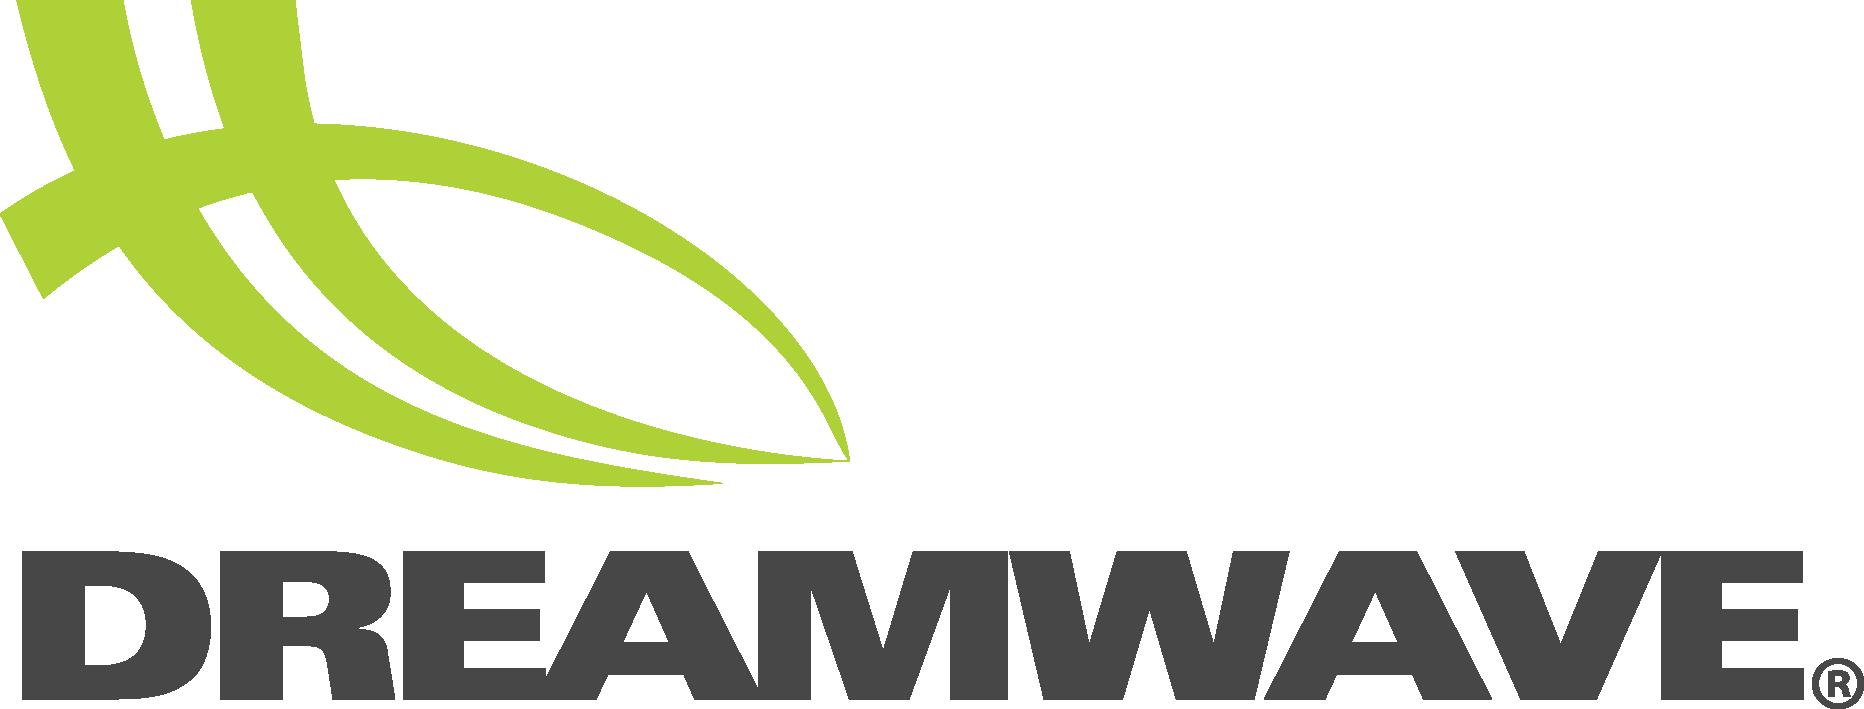 dreamwave-logo_regmark.png